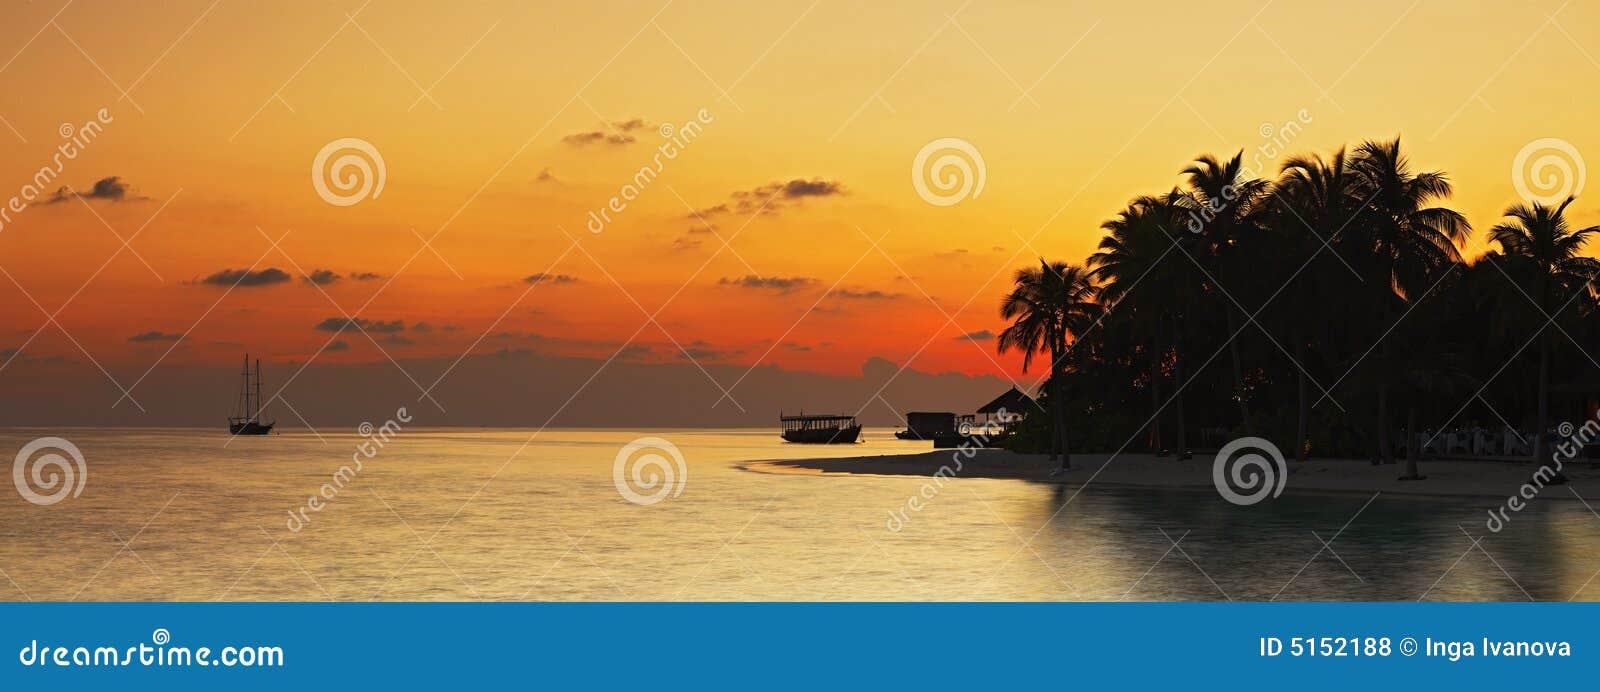 热带全景的日落